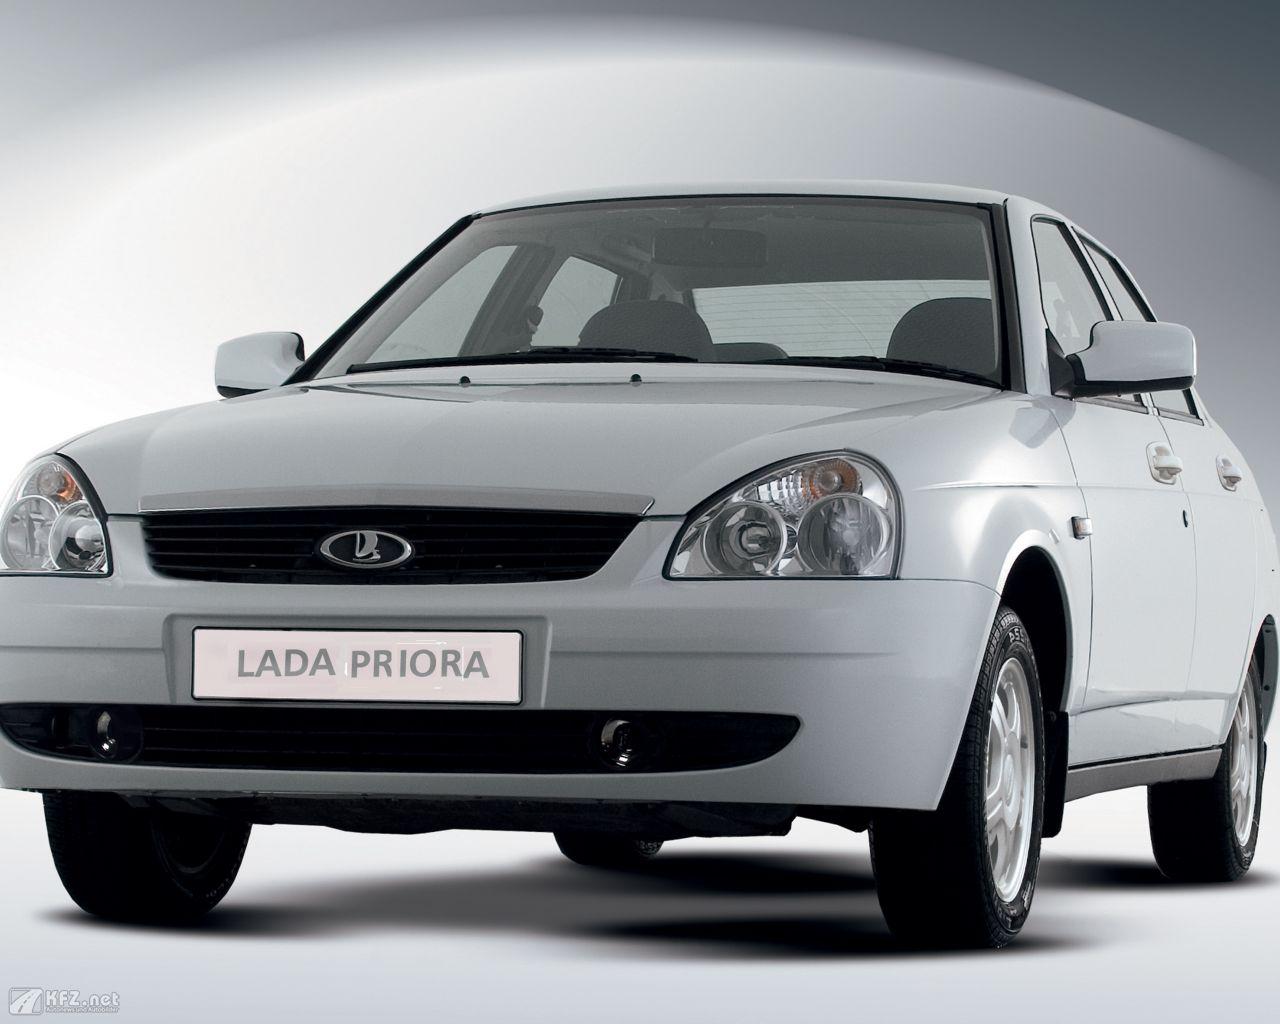 lada-priora-2170-1280x1024-9